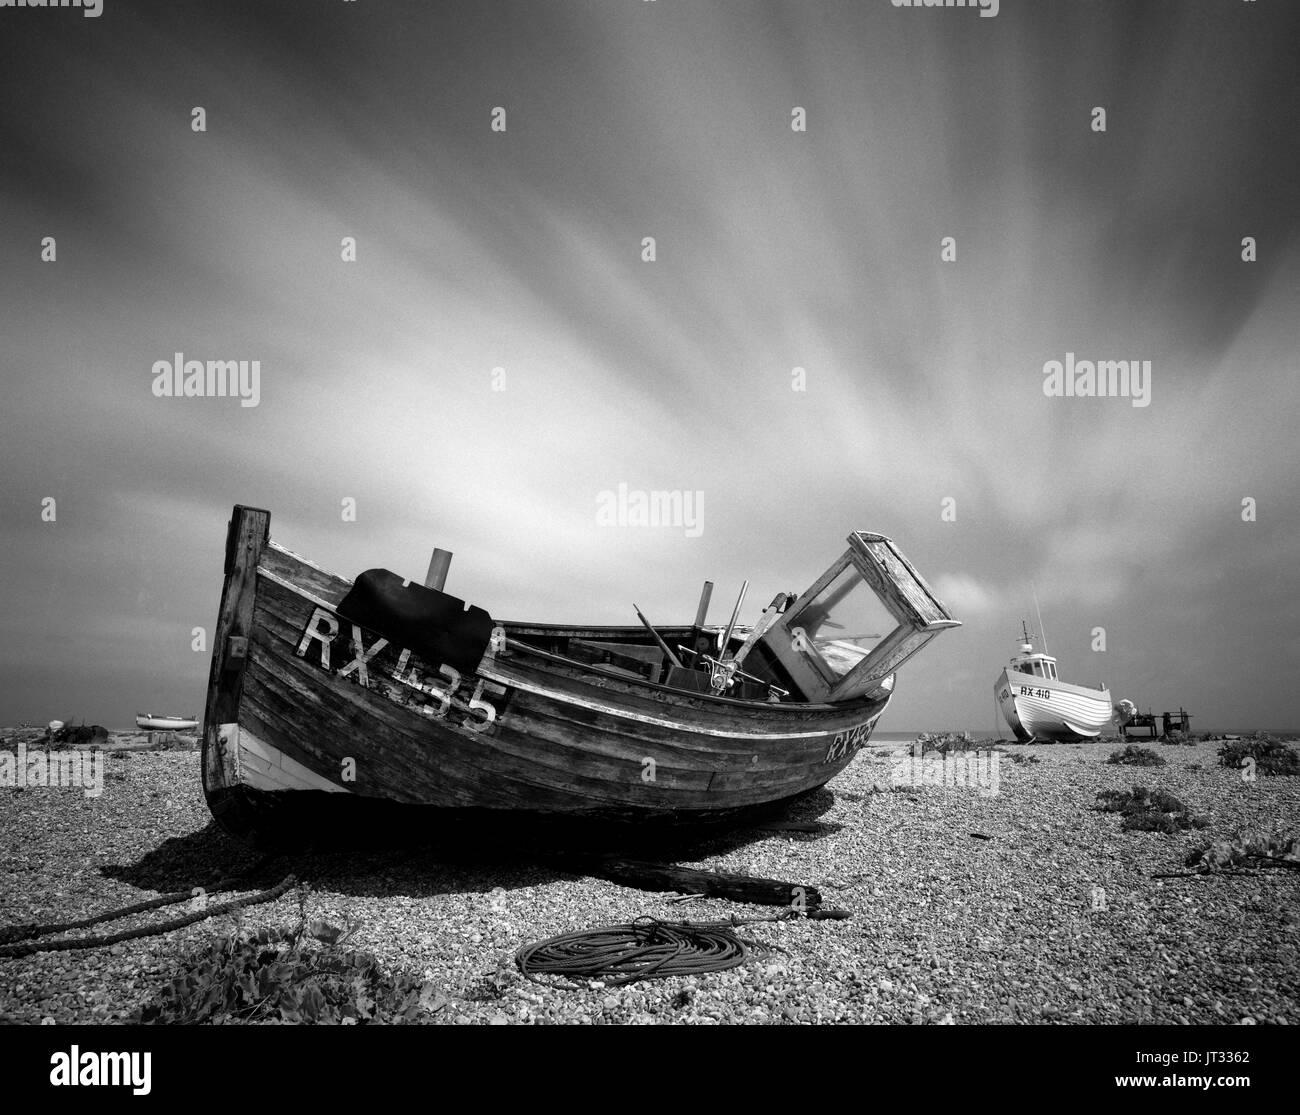 Un vieux bateau de pêche dans le besoin de réparation sur la plage de galets à la réserve naturelle nationale, Dungeness, Kent Photo Stock